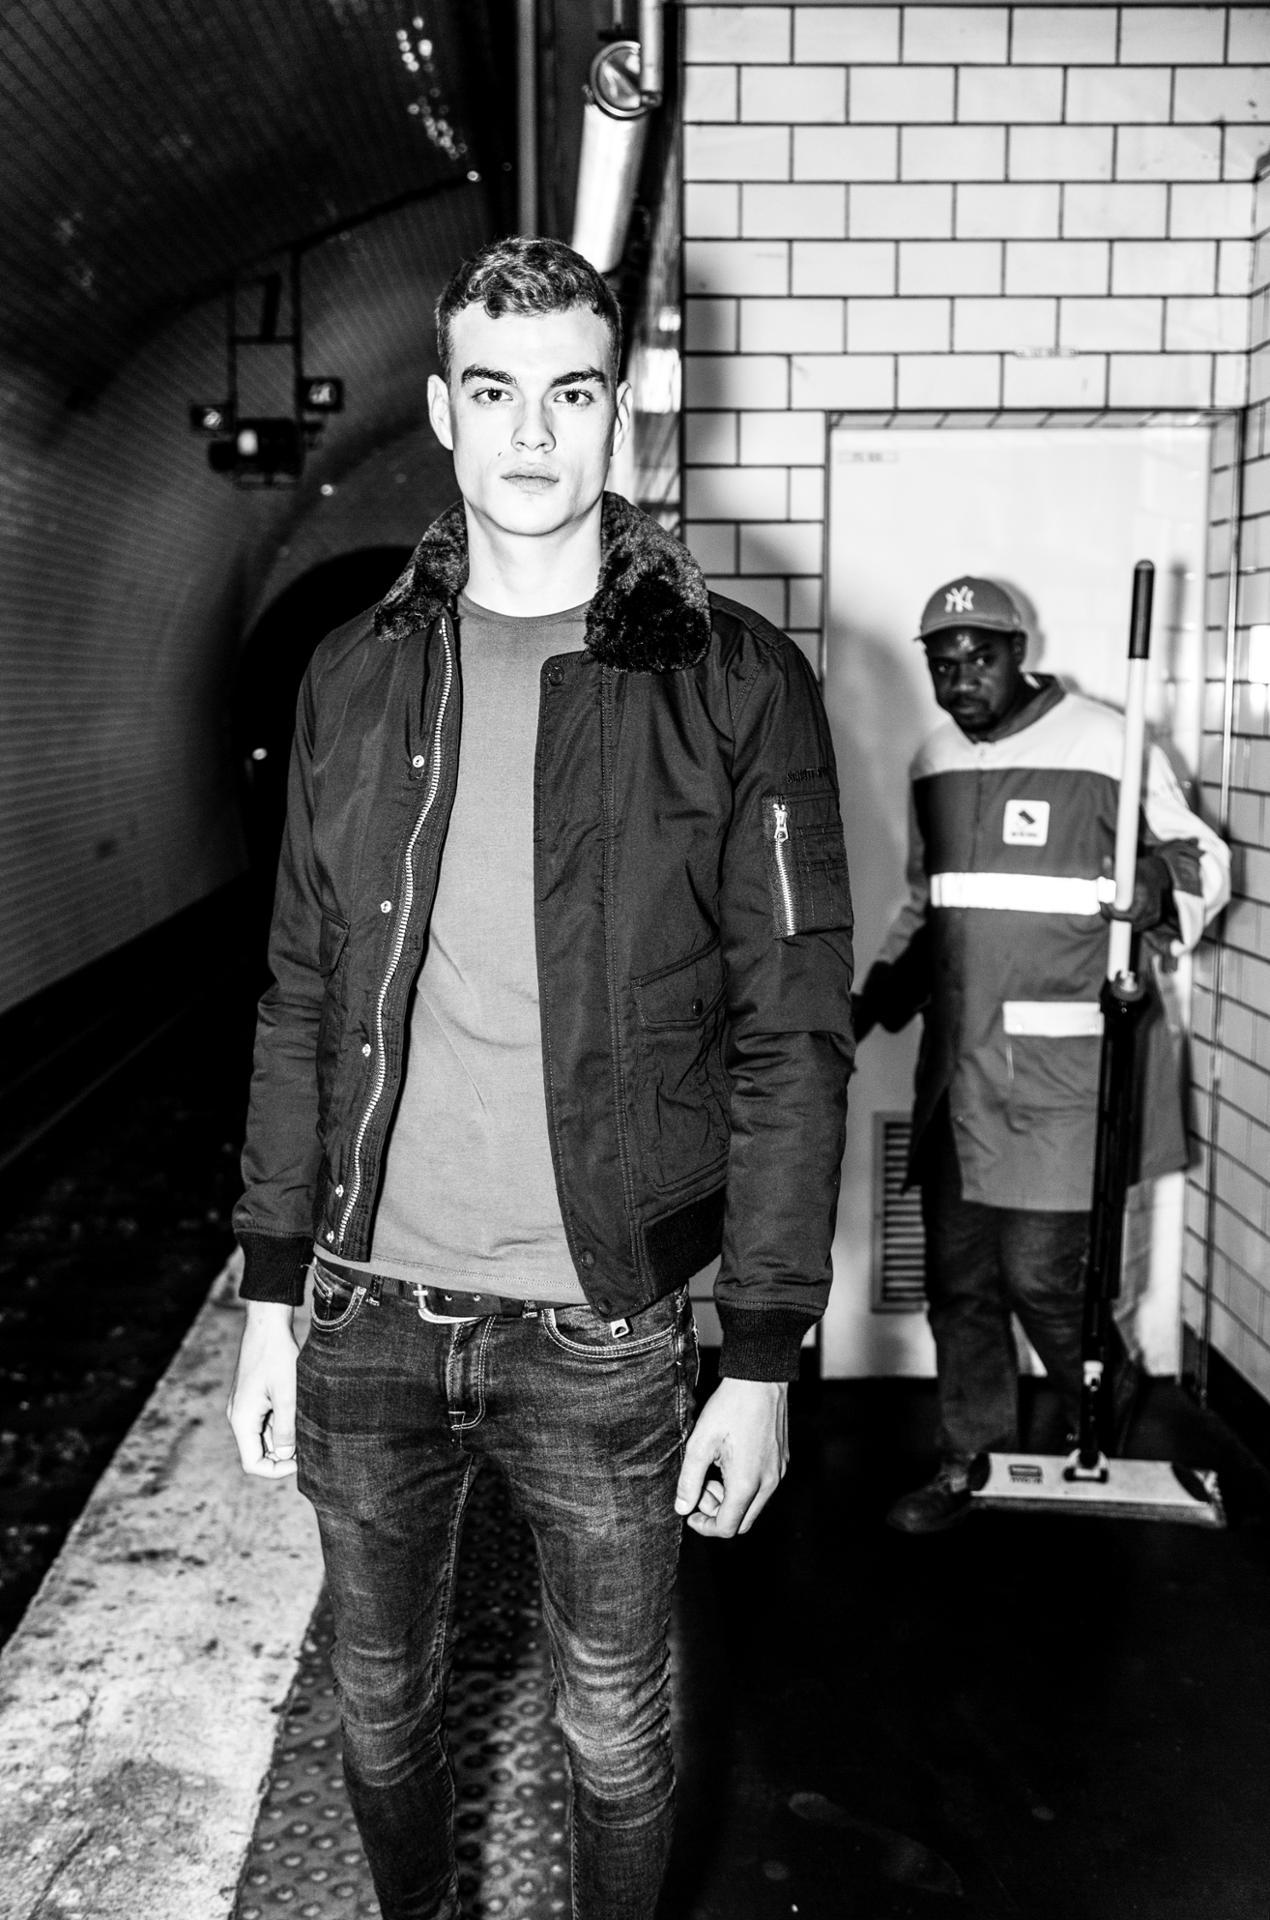 Brice dans le métro